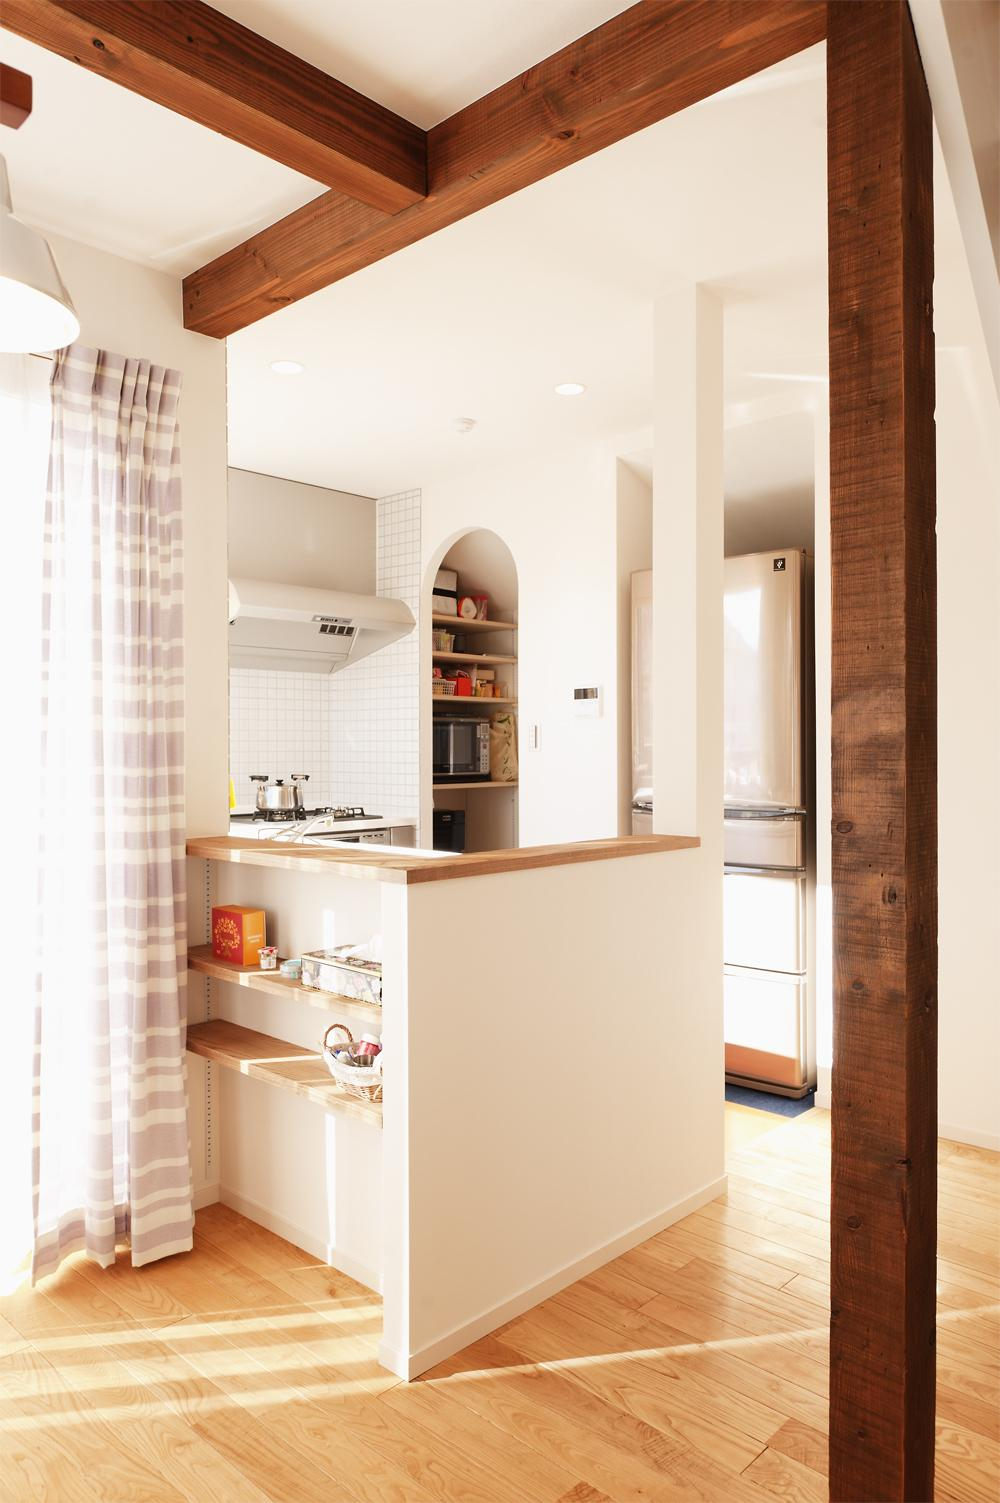 リノベーション・リフォーム会社:スタイル工房「T邸・一番気持ちの良い場所をLDKへ」